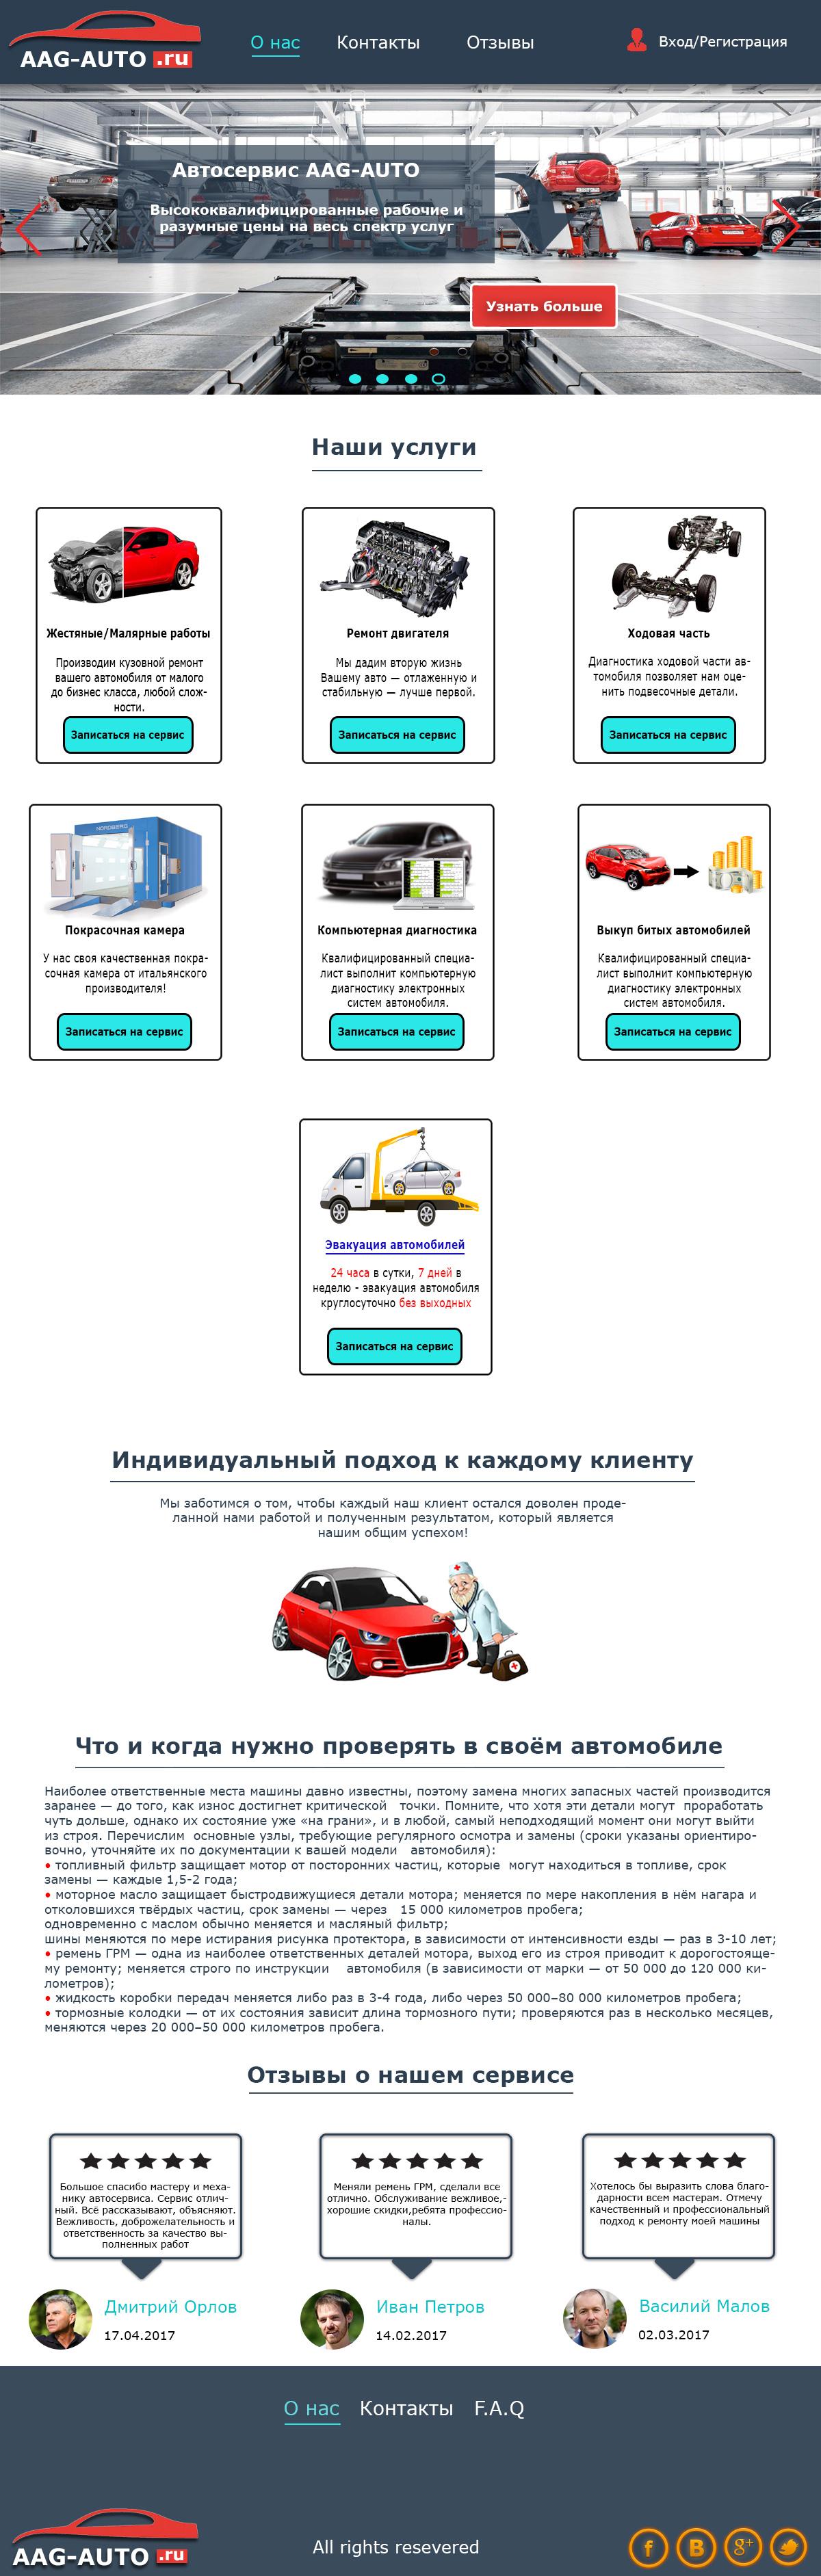 Дизайн сайта автосервиса фото f_48858f90b6fea59d.jpg